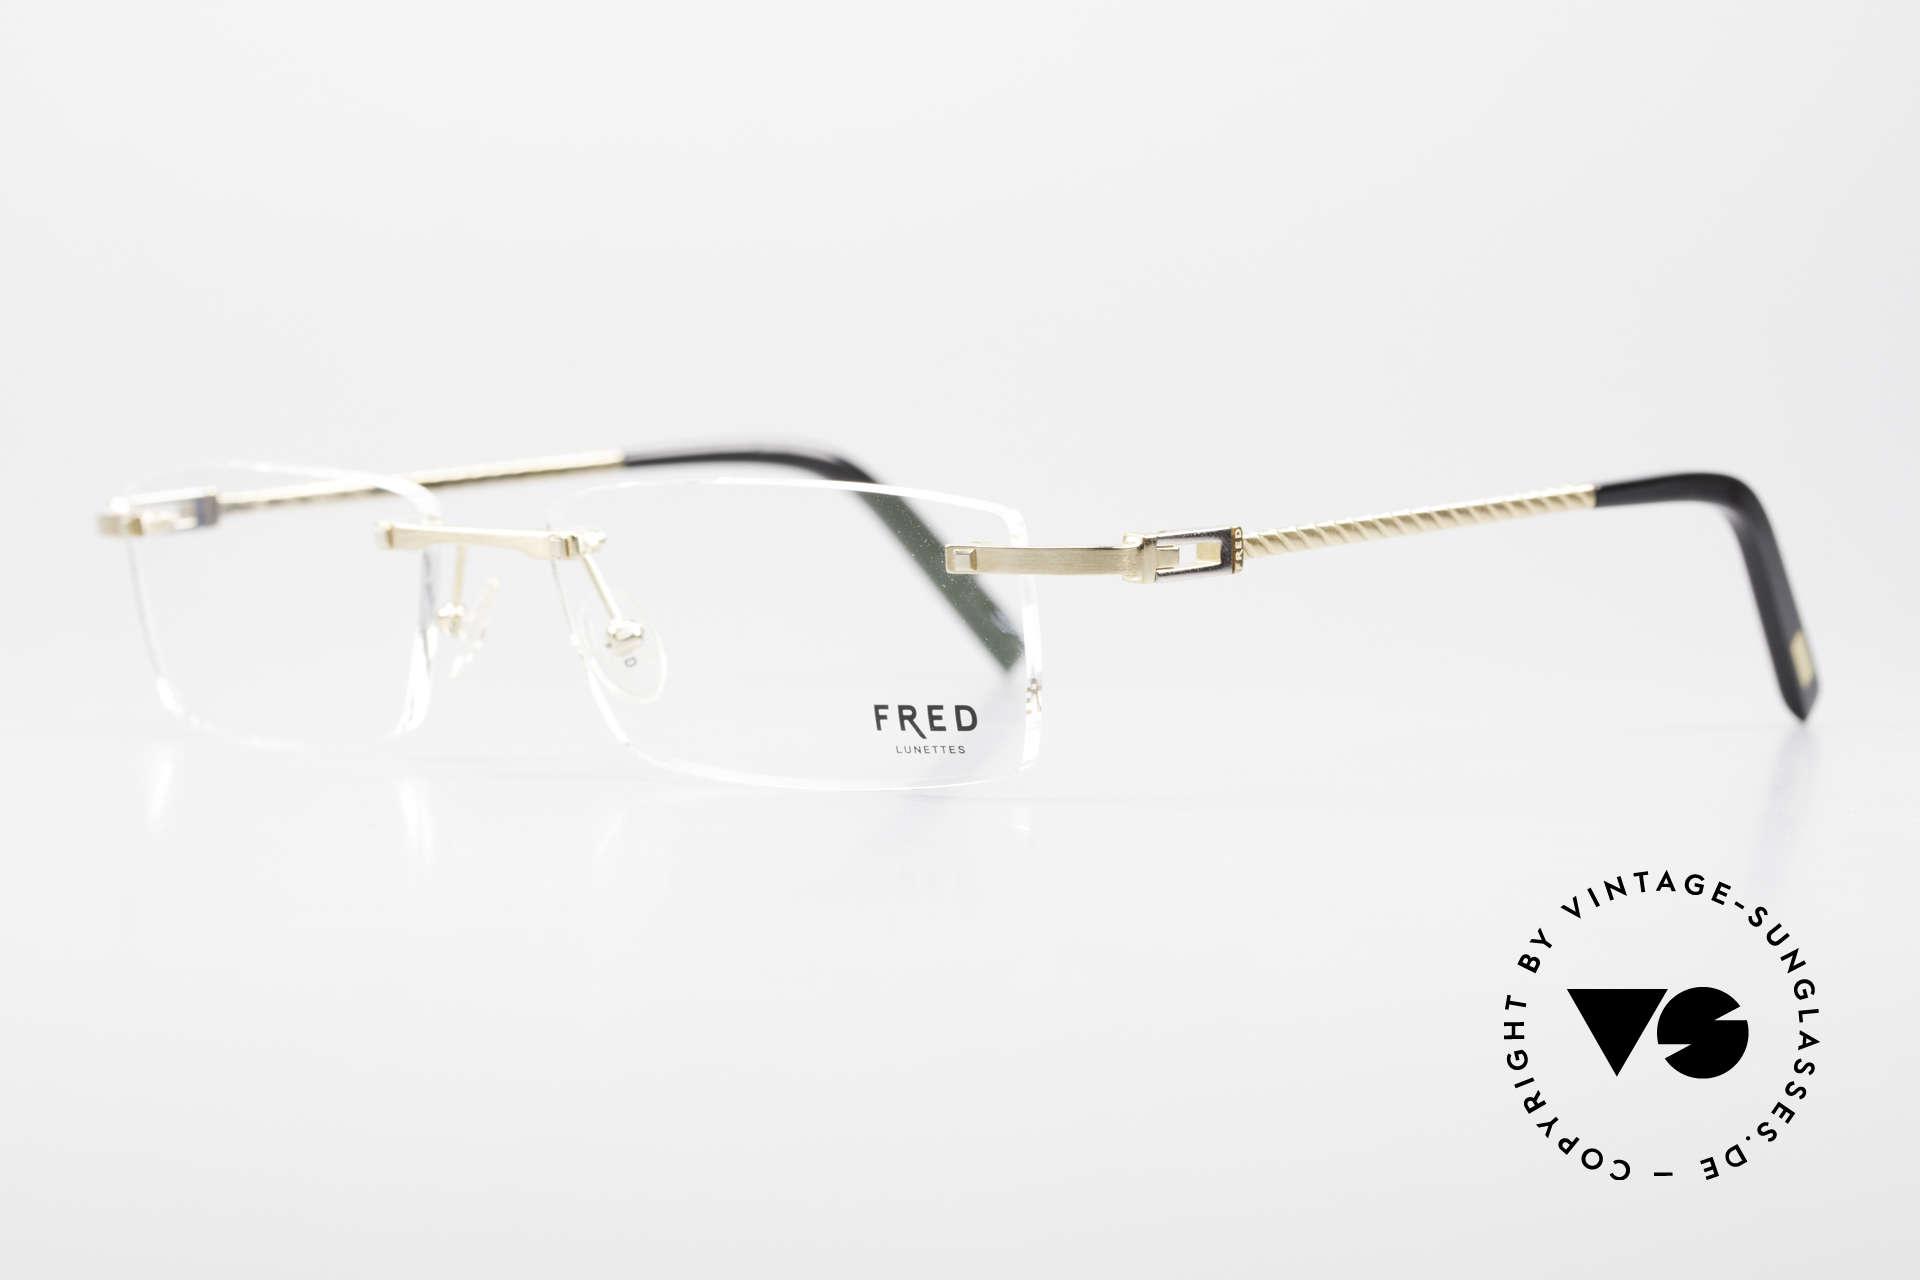 Fred Samoa Randlose Luxusbrille Segler, Modell benannt nach den Samoa Inseln im Südpazifik, Passend für Herren